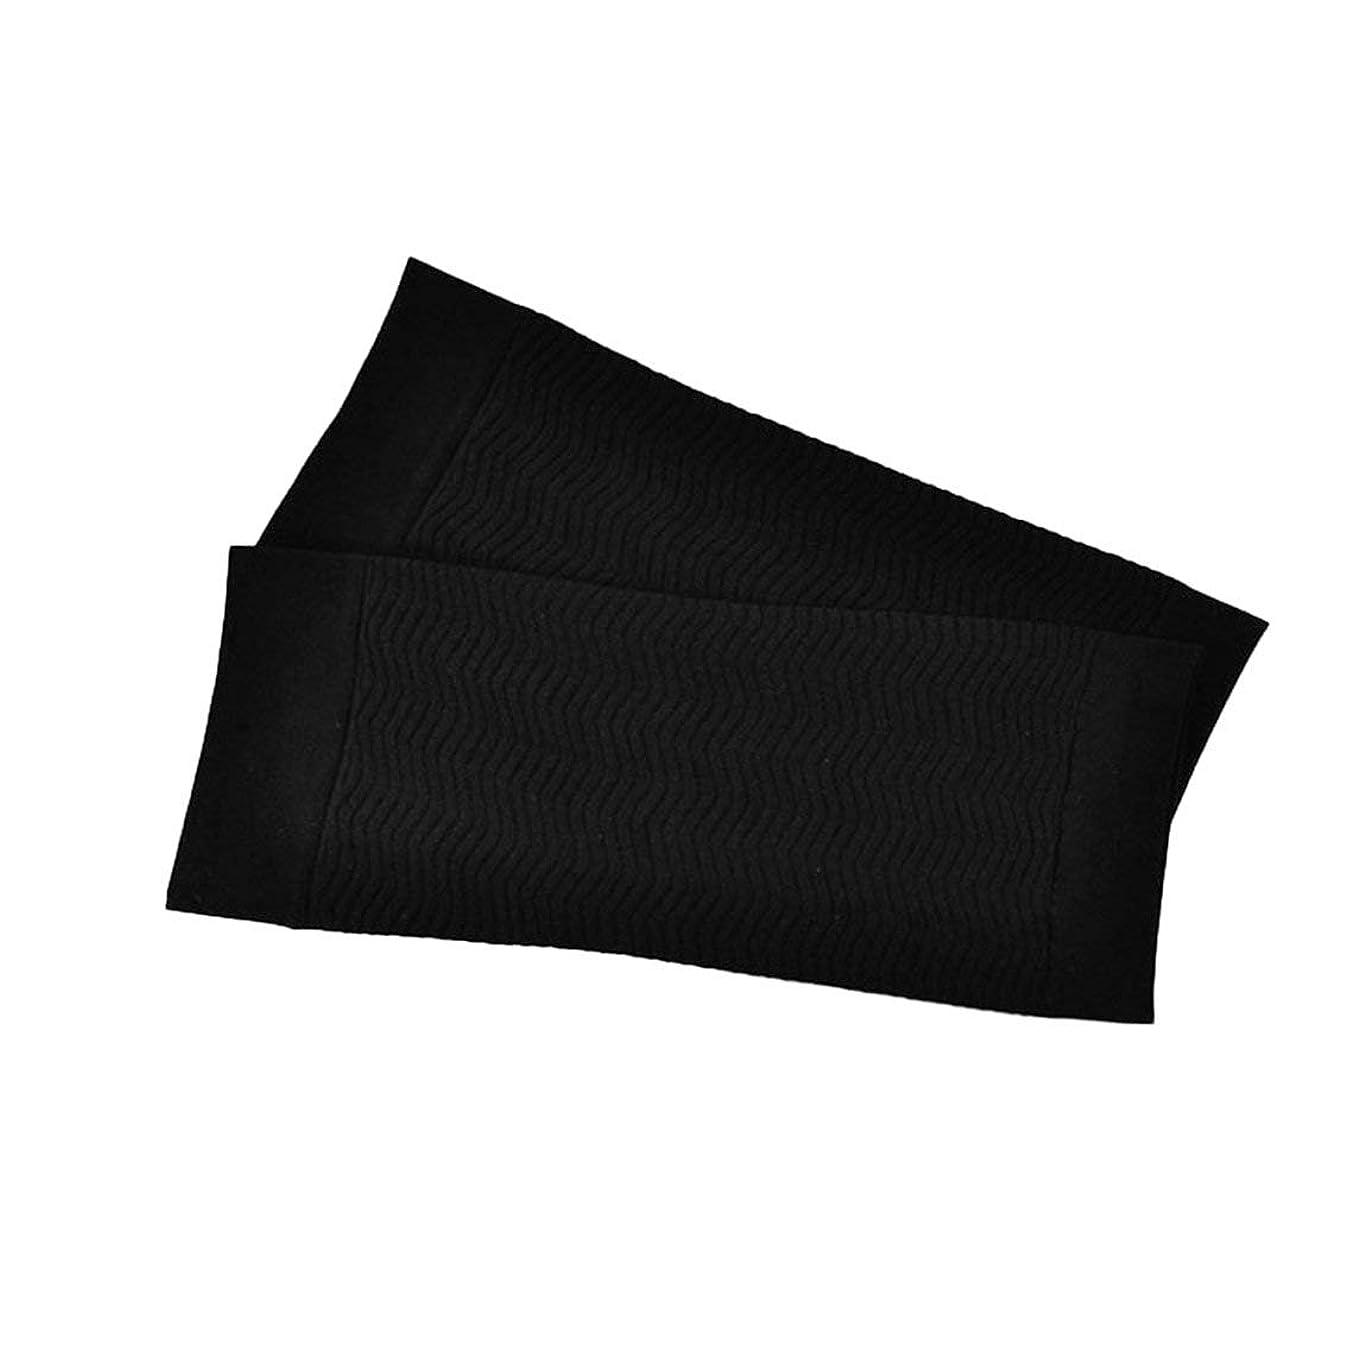 マキシム羊基礎理論1ペア680 D圧縮アームシェイパーワークアウトトーニングバーンセルライトスリミングアームスリーブ脂肪燃焼半袖用女性 - ブラック